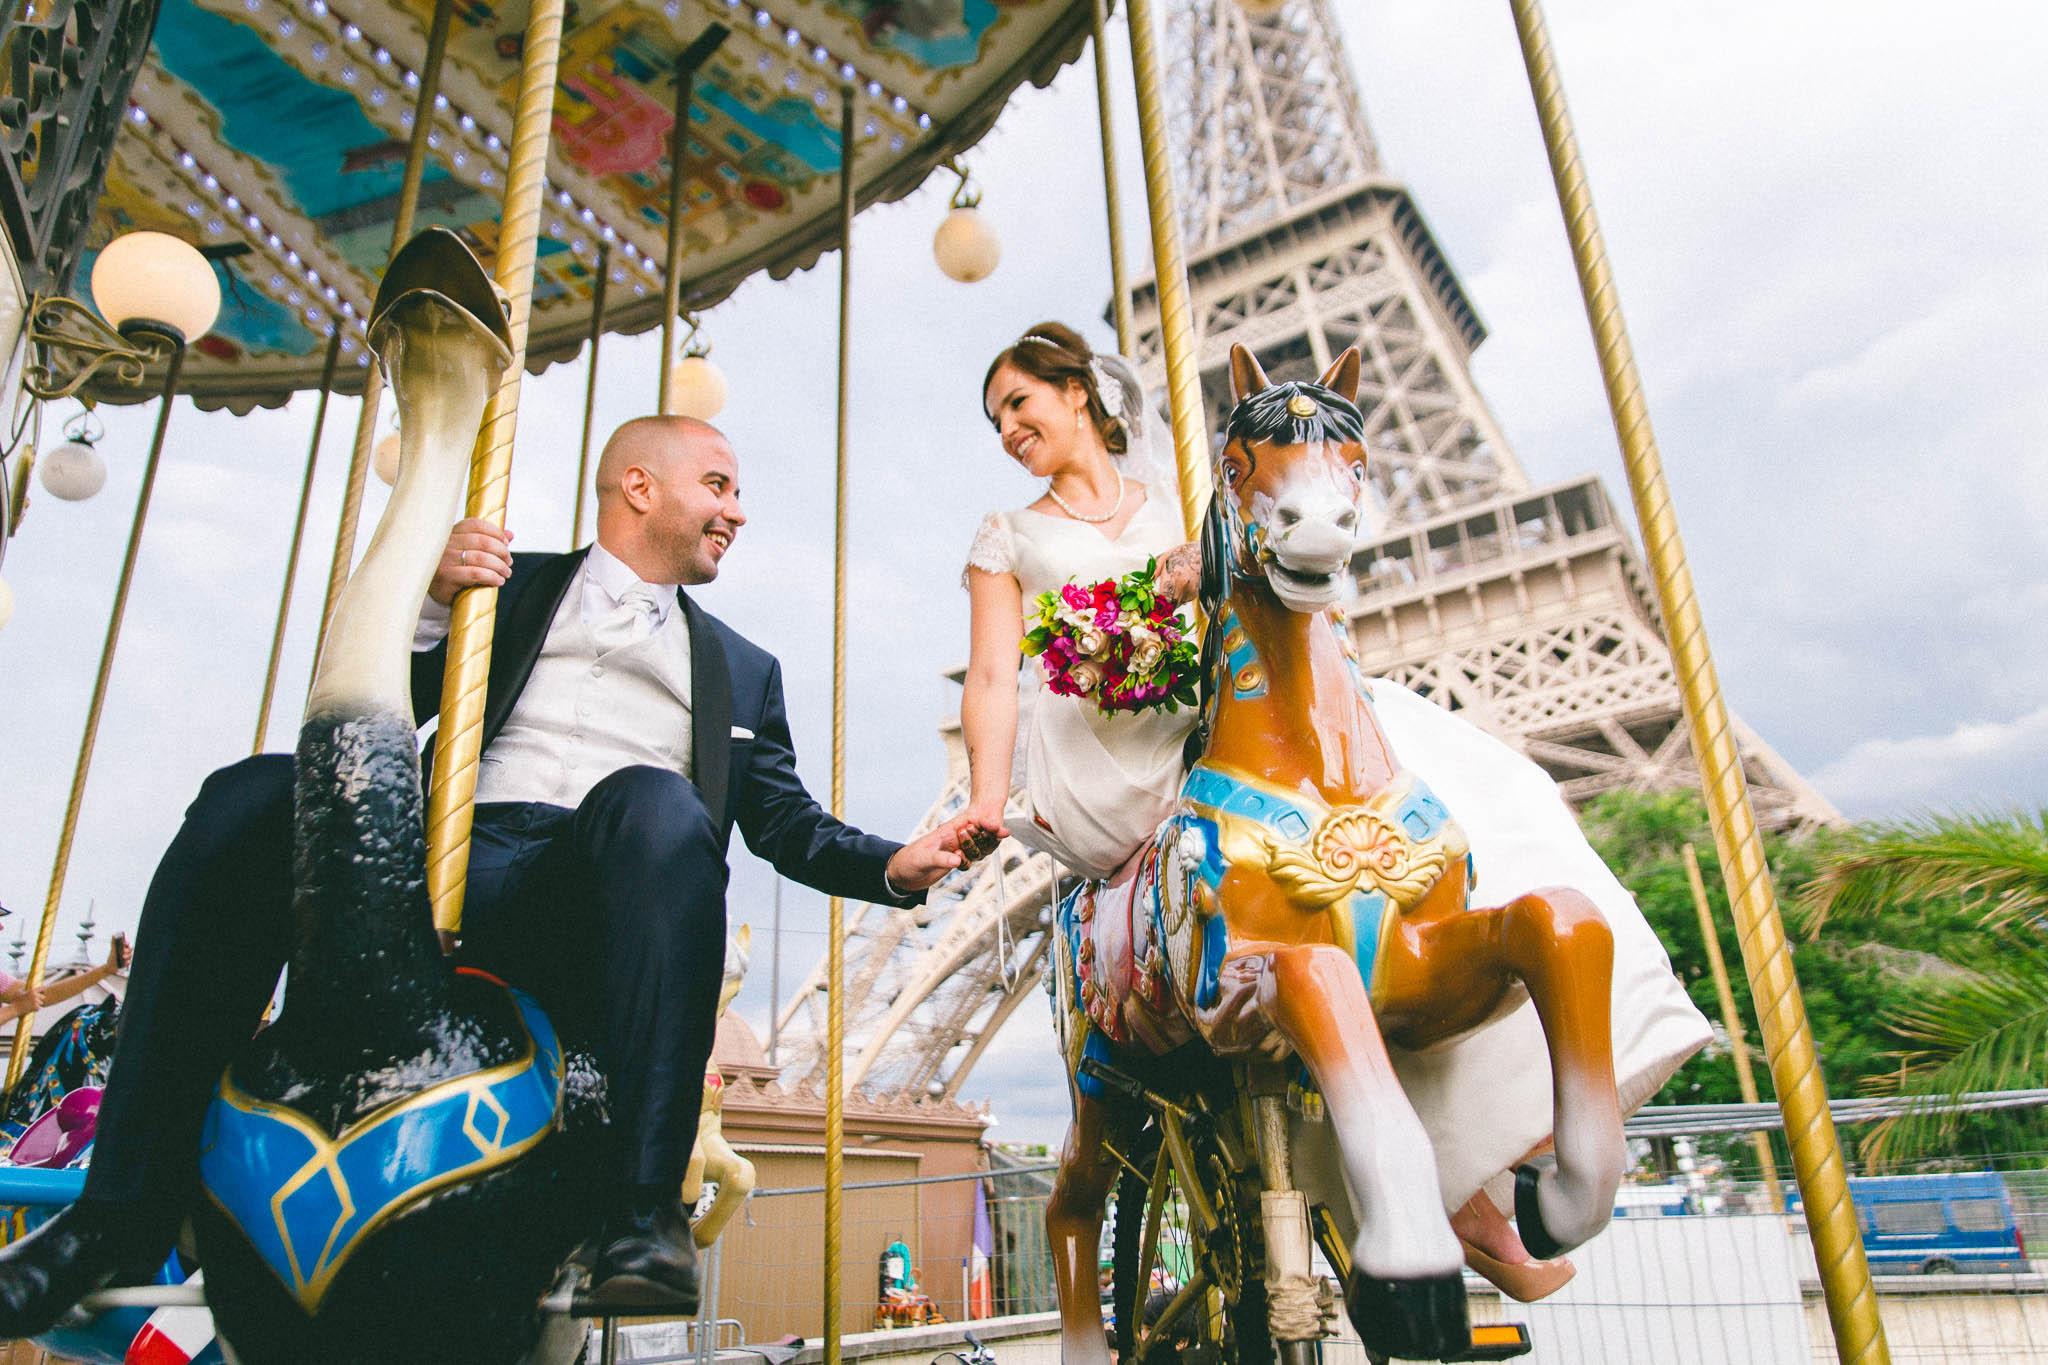 Art_Avec_Amour_Photographe_Mariage_Famille_Paris_France-00125.jpg